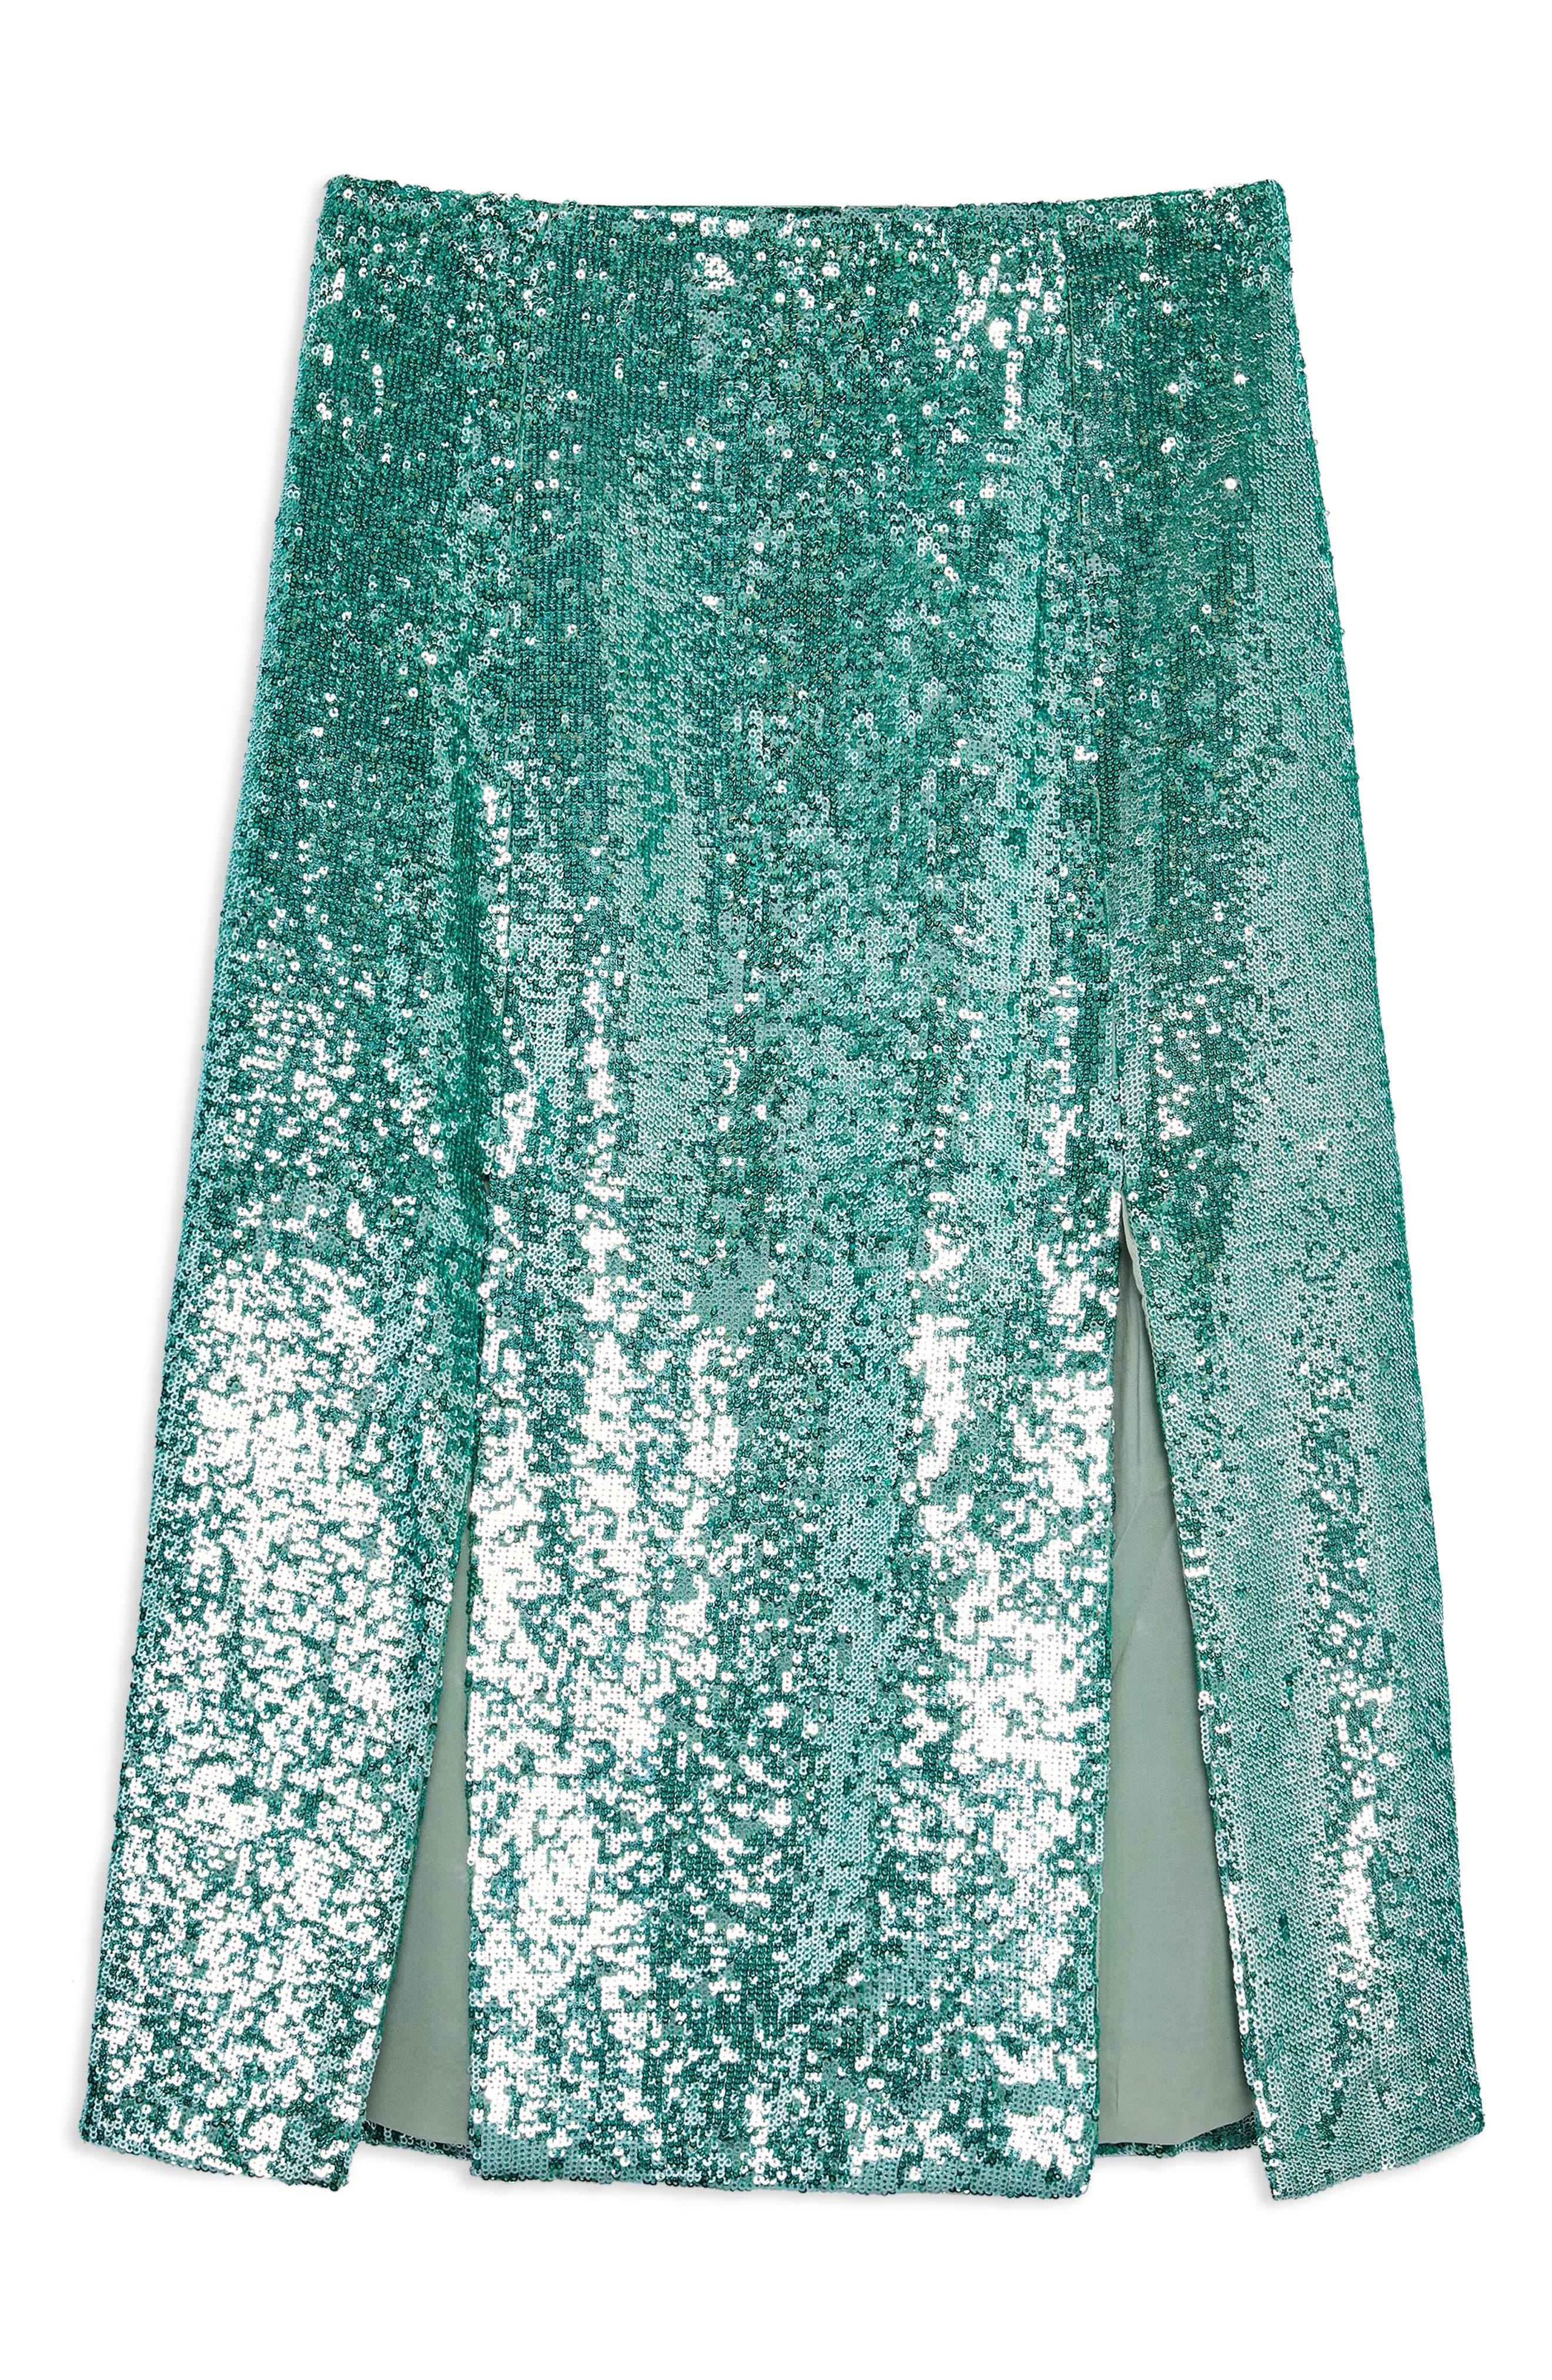 Sequin Skirt,                             Alternate thumbnail 4, color,                             MINT